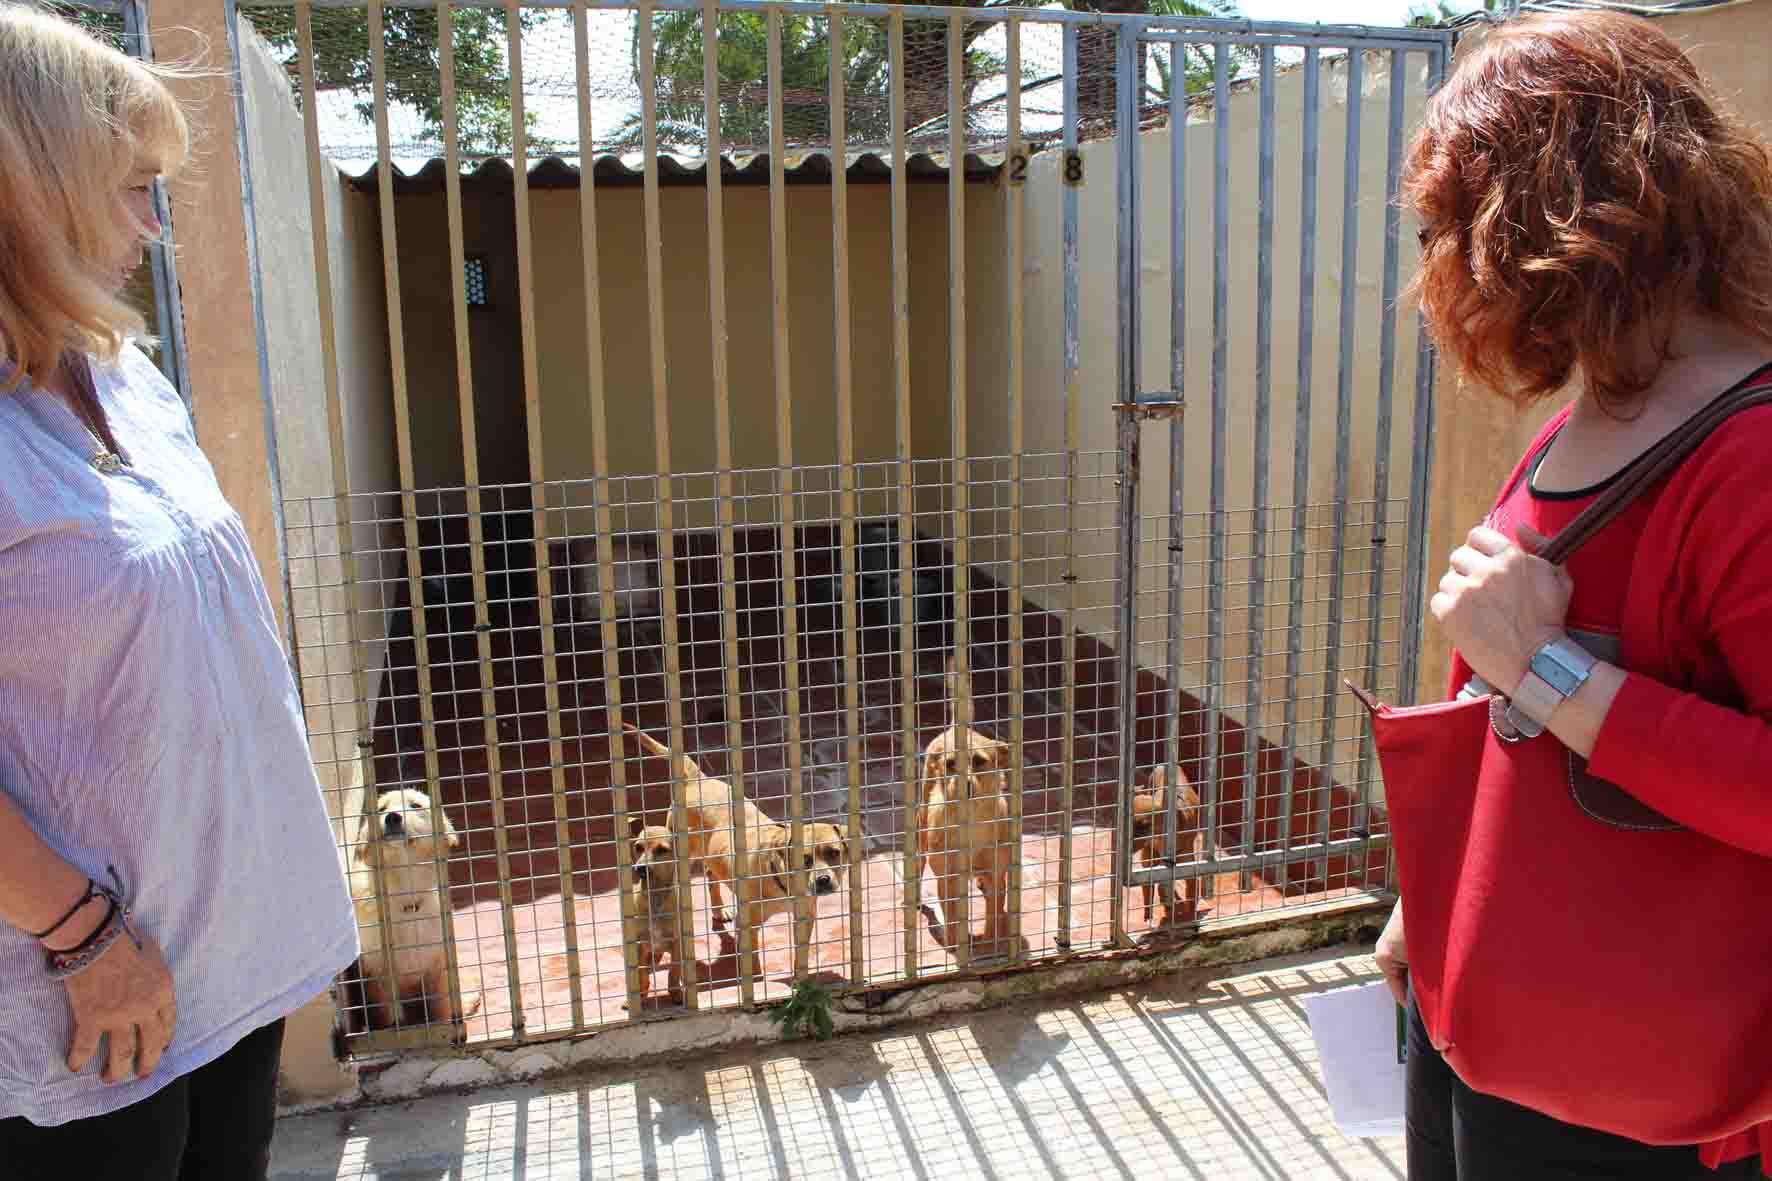 La Mancomunitat de l'Horta Sud pone en marcha el lunes su servicio de Recogida y Custodia de Animales